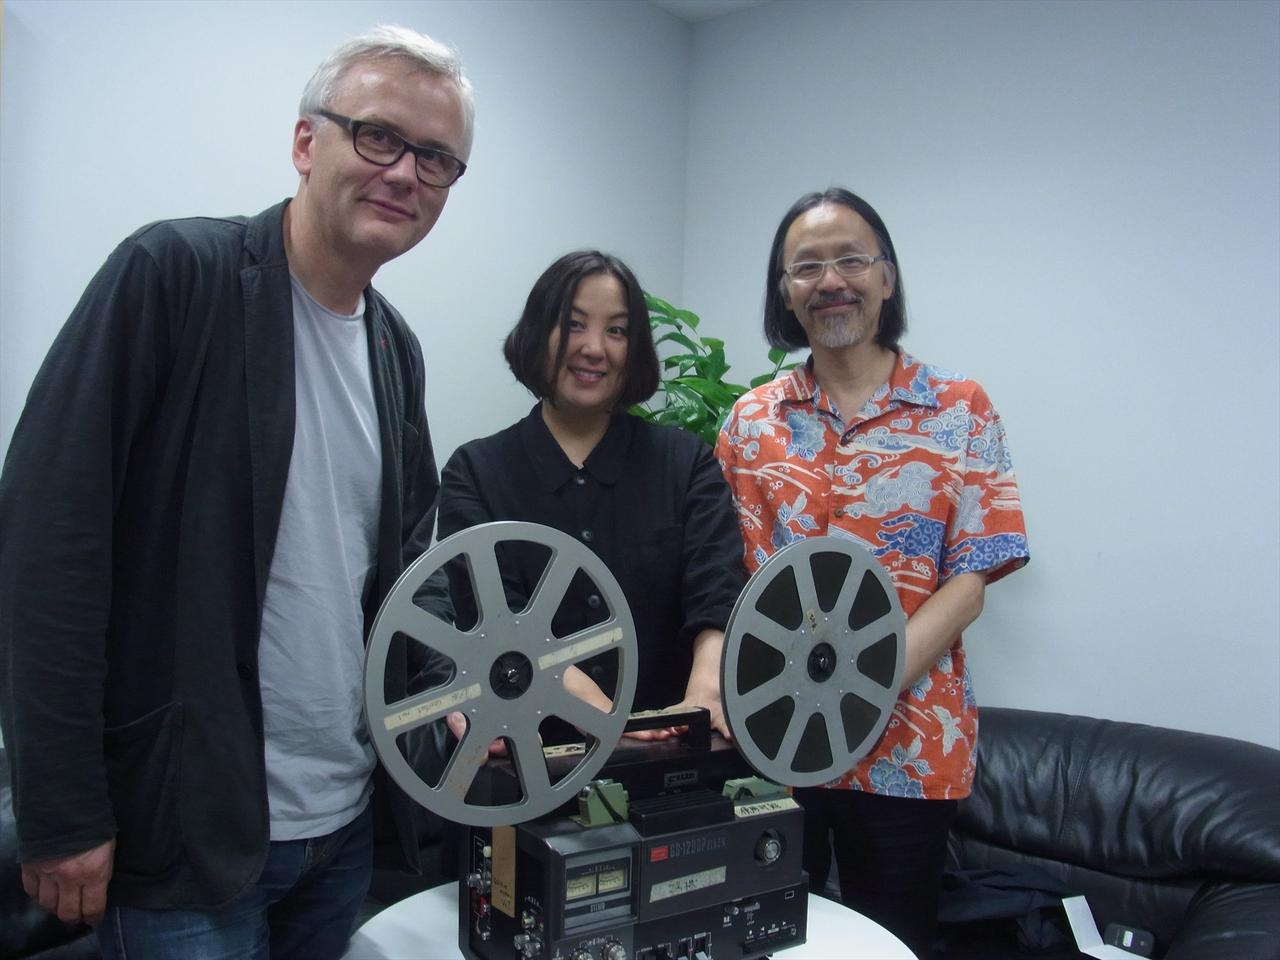 画像: (左から)ベルリン国際映画祭フォーラム部門ディレクターのクリストフ・テルヘヒテ氏、PFFディレクターの荒木啓子、香港国際映画祭キュレイターのジェイコブ・ウォン氏